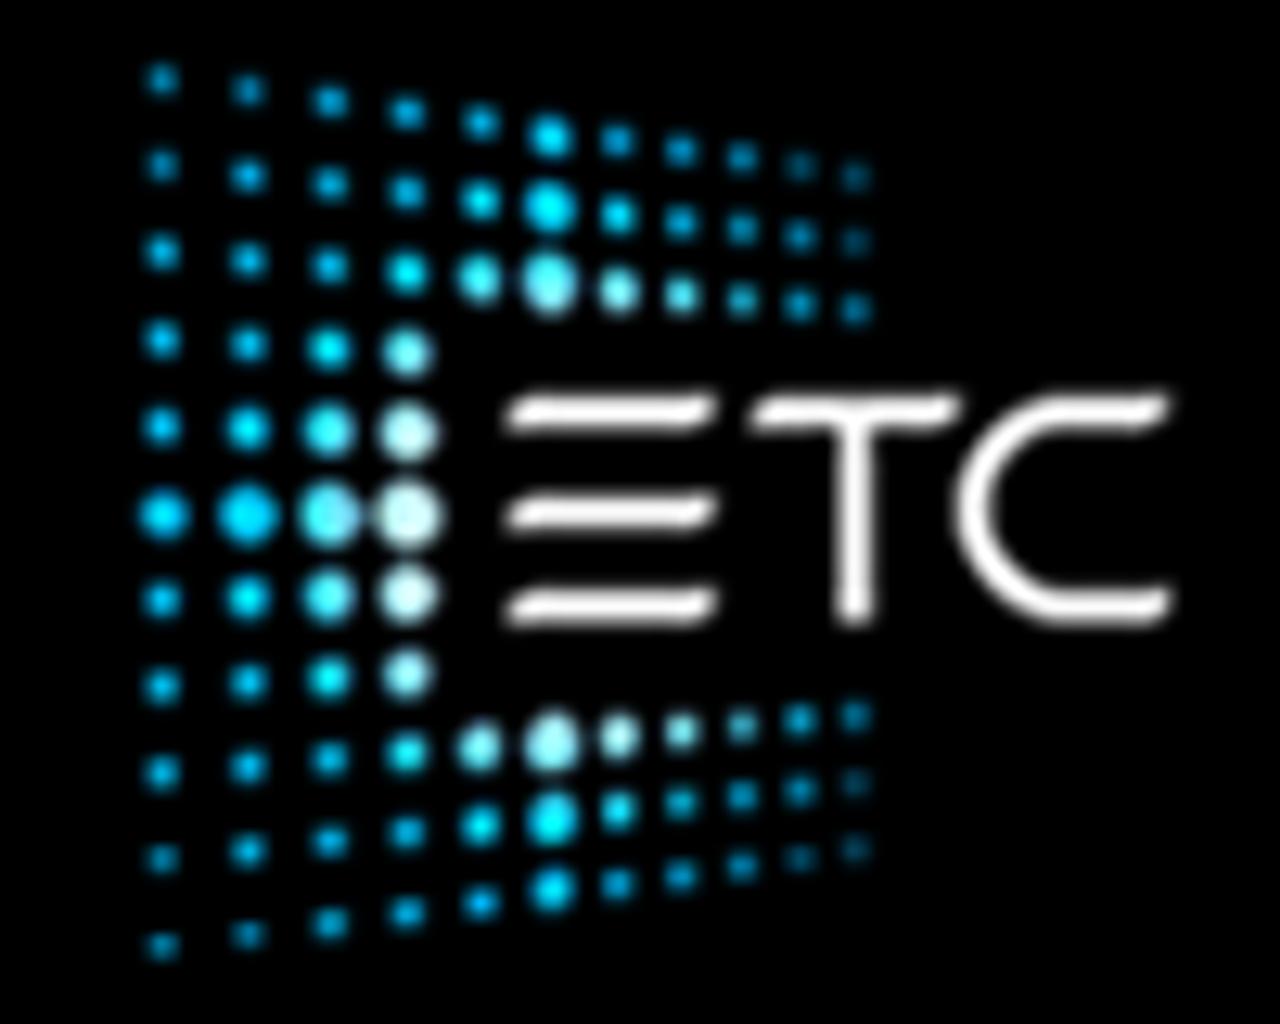 ETC Sensor3 small frame touring rack LED work light retrofit kit